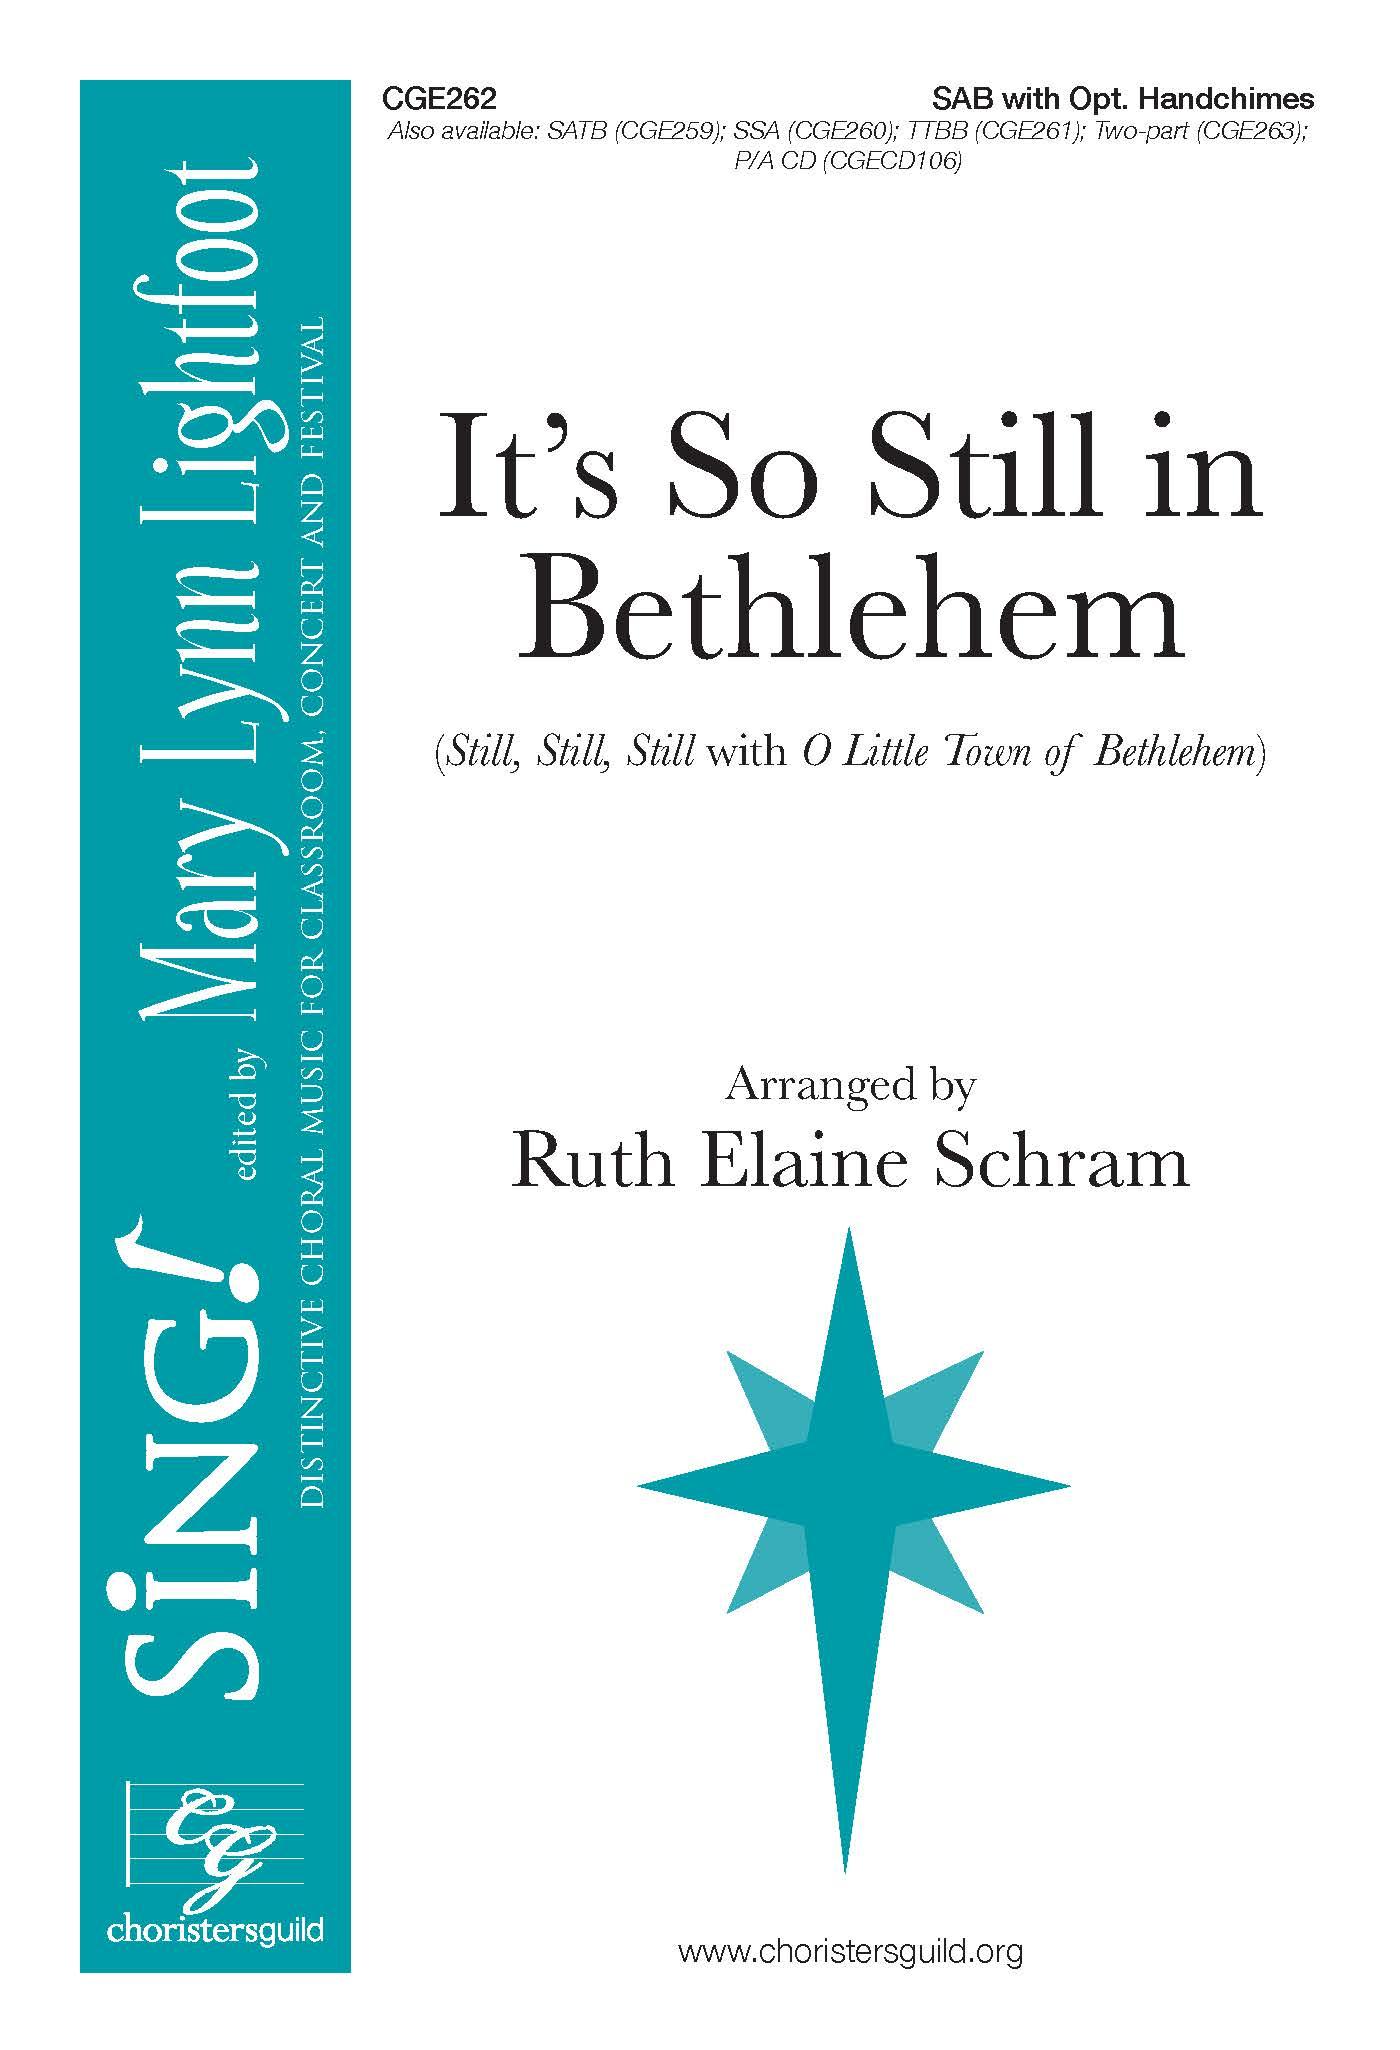 It's So Still in Bethlehem SAB